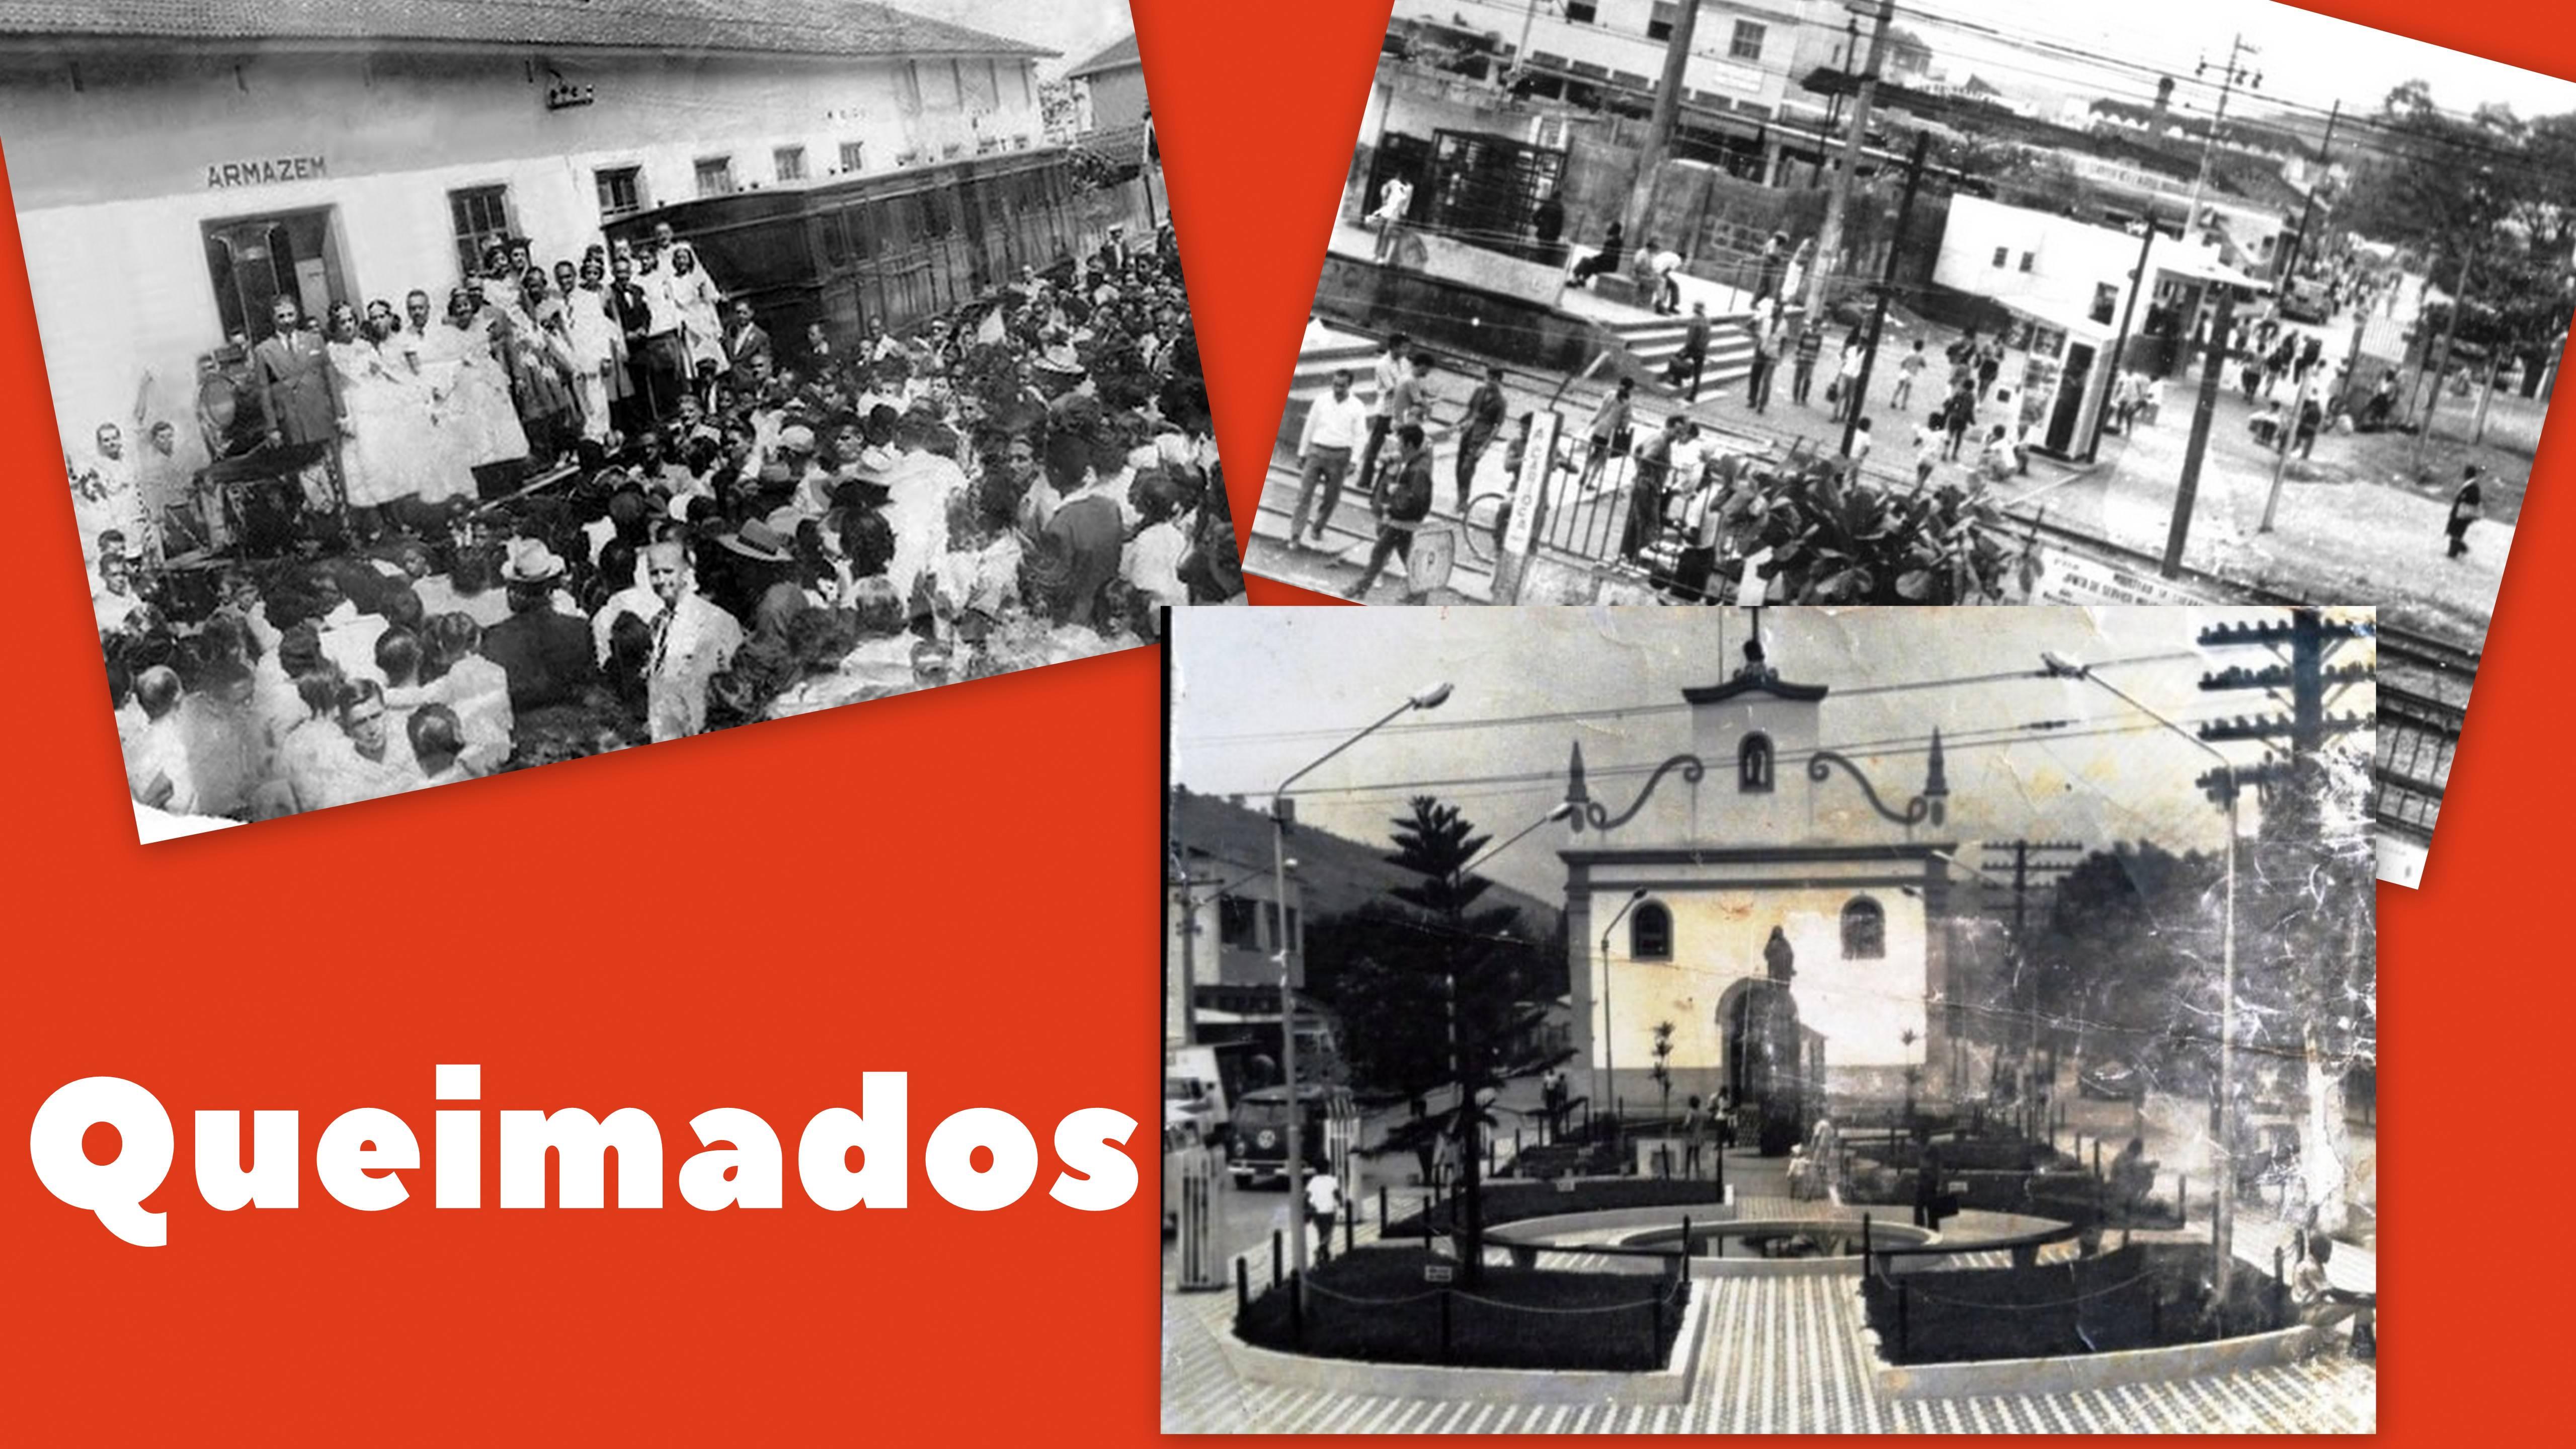 Fotos: Prefeitura de Queimados; Vasco Giacometti (acervo de Wagner Langer)